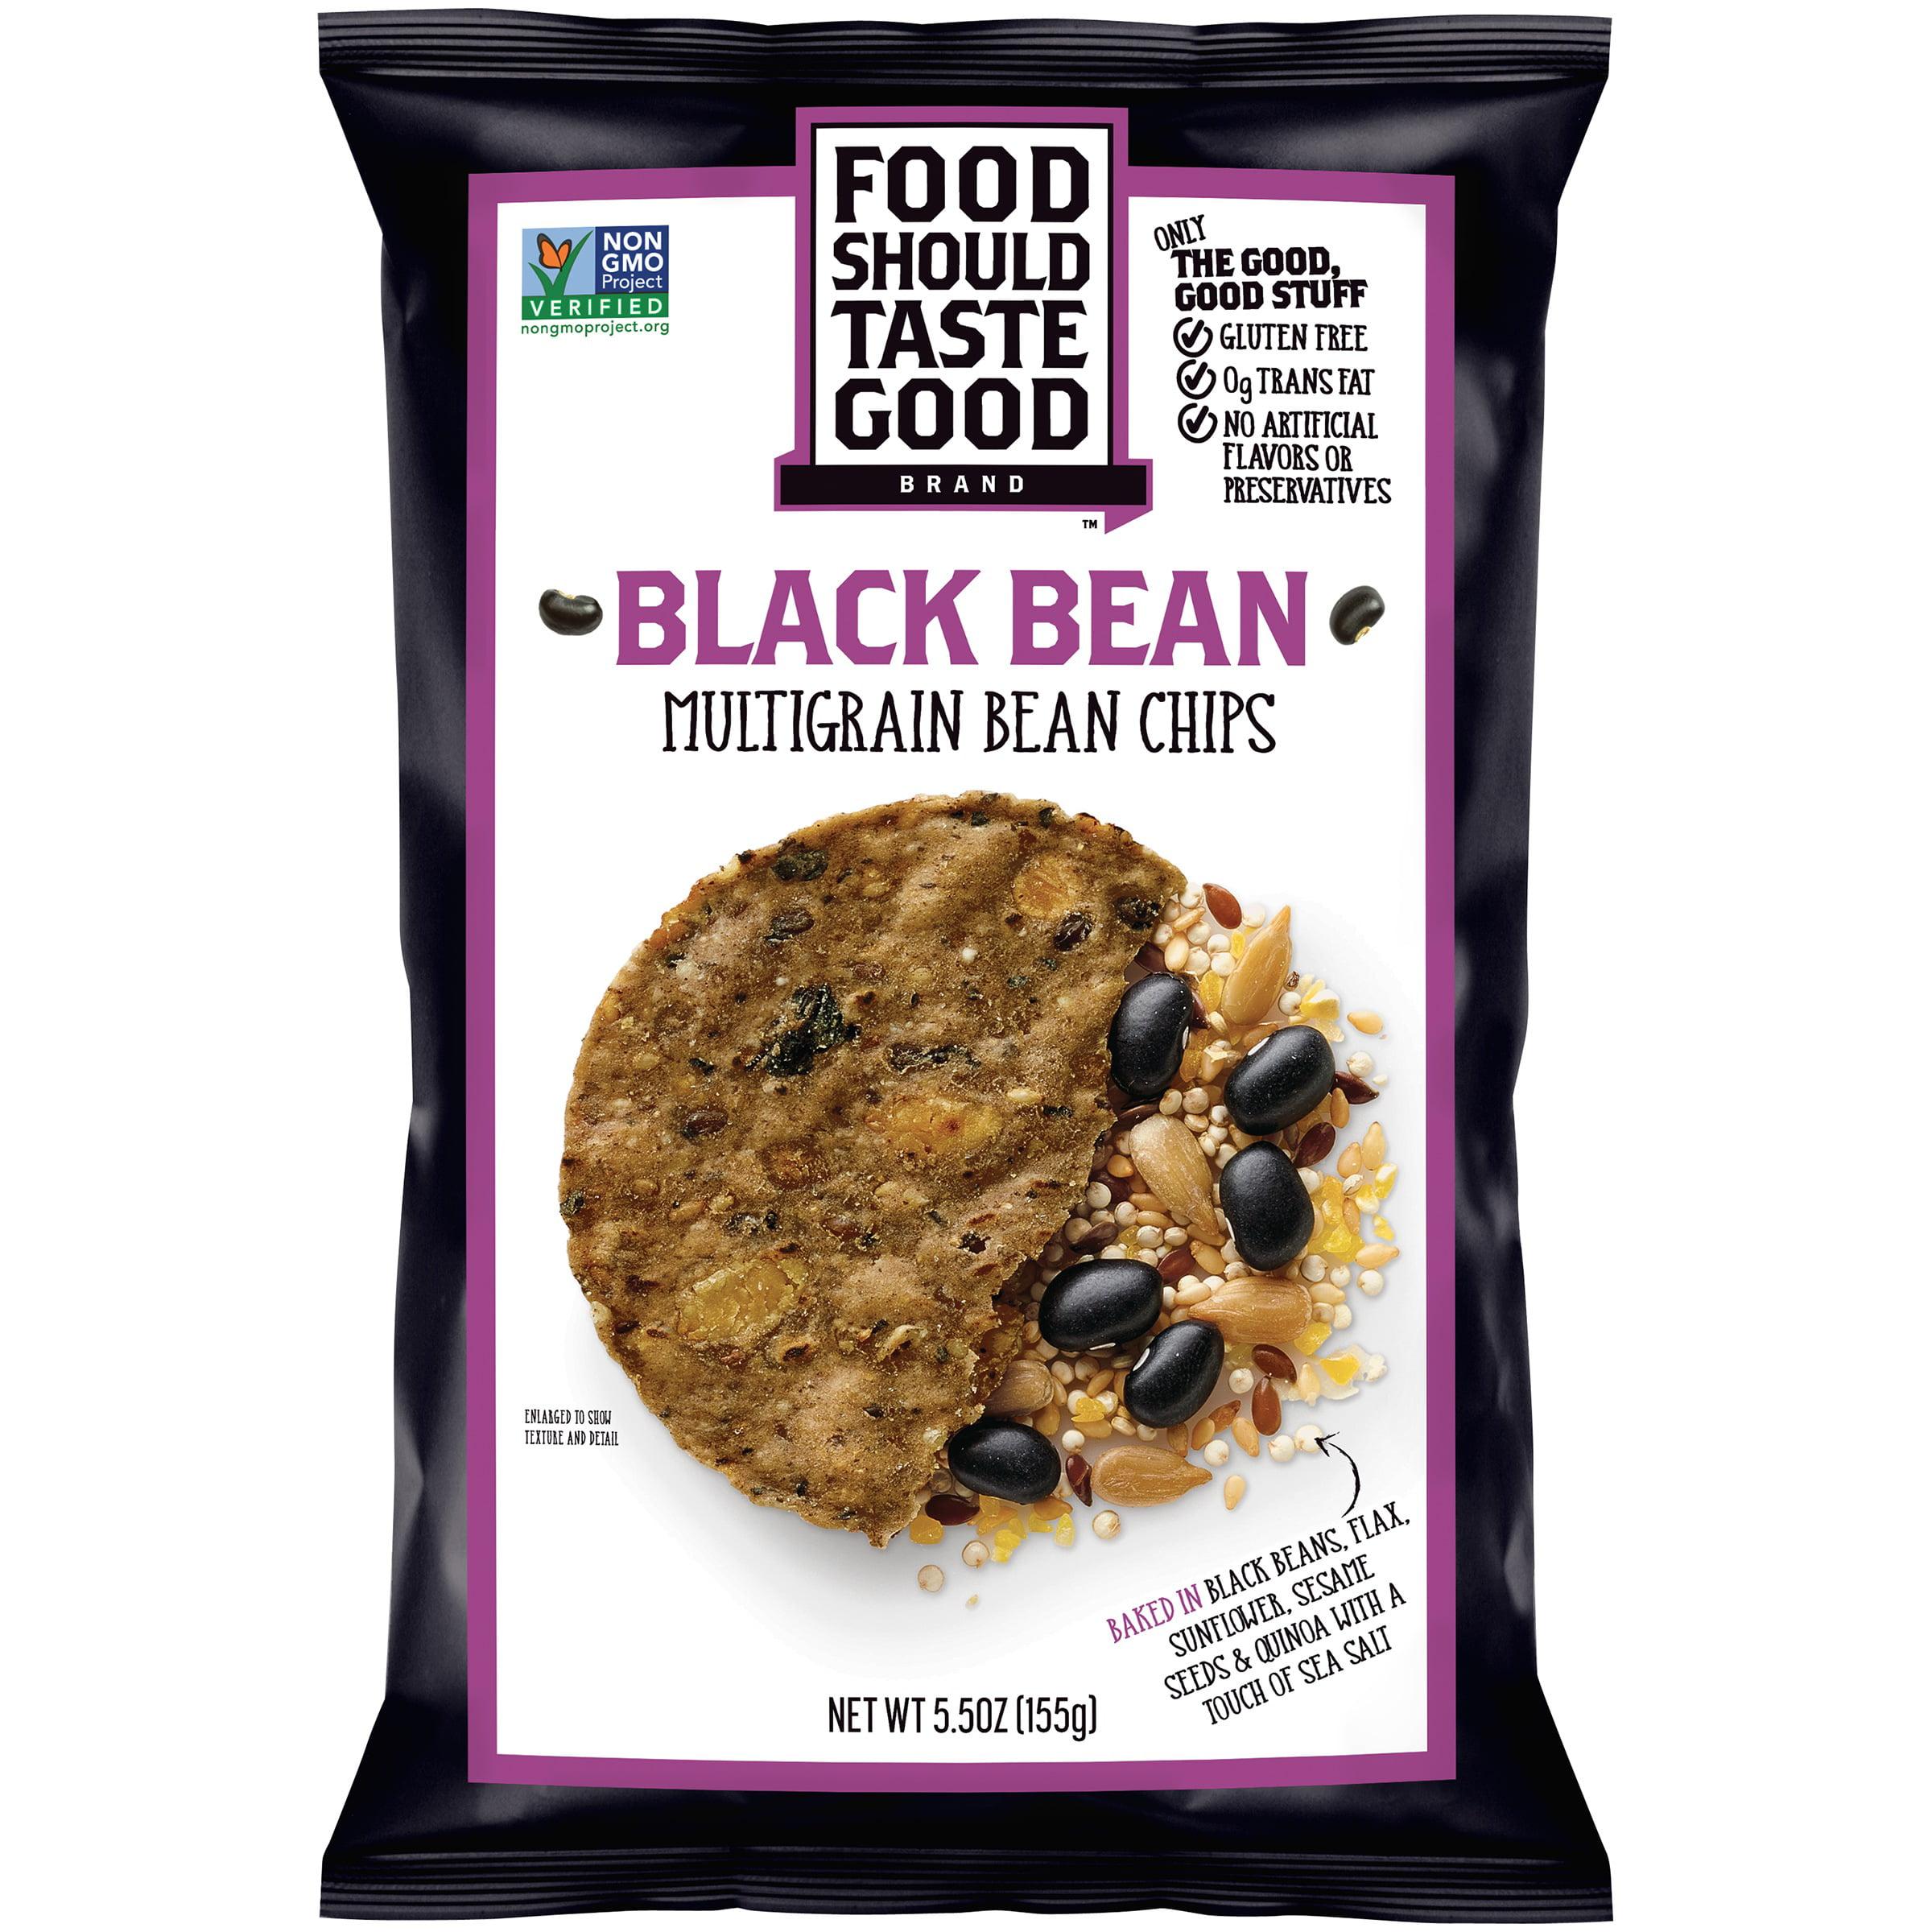 Food Should Taste Good Black Bean Multigrain Bean Chips, 5.5 OZ by Food Should Taste Good, Inc.